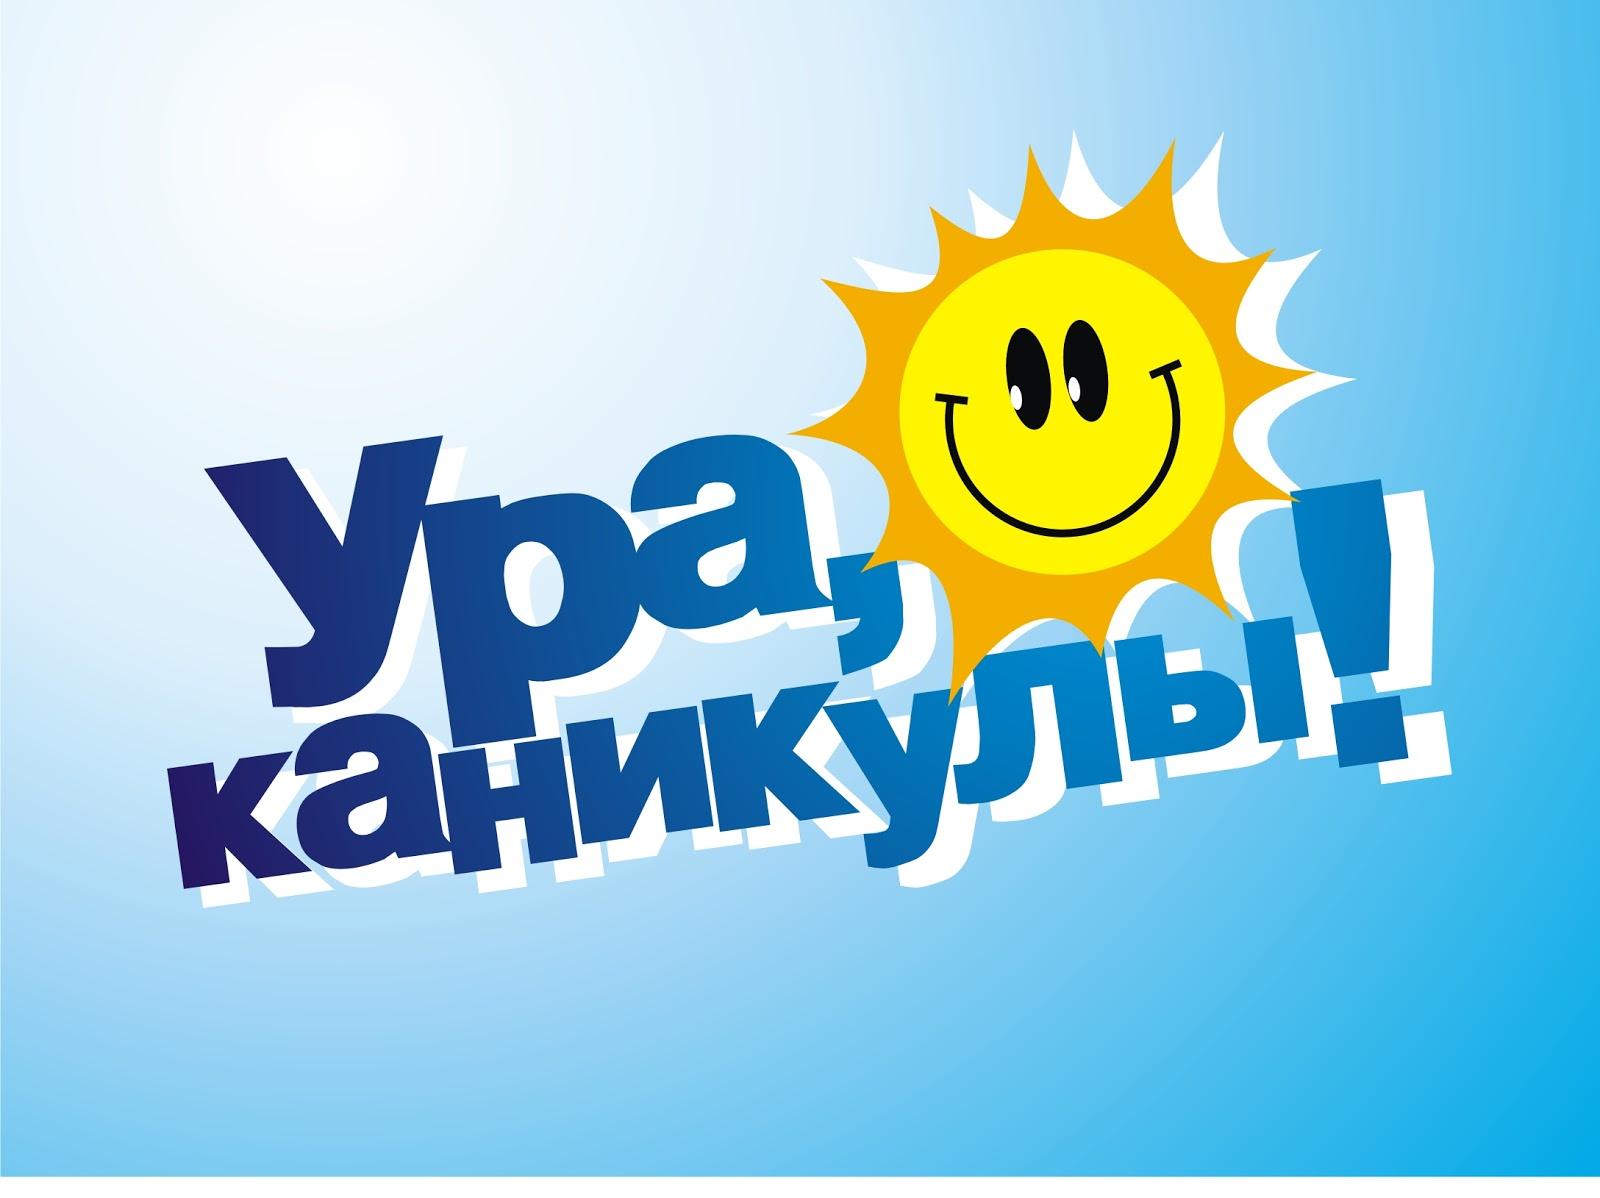 Картинки солнце и лето